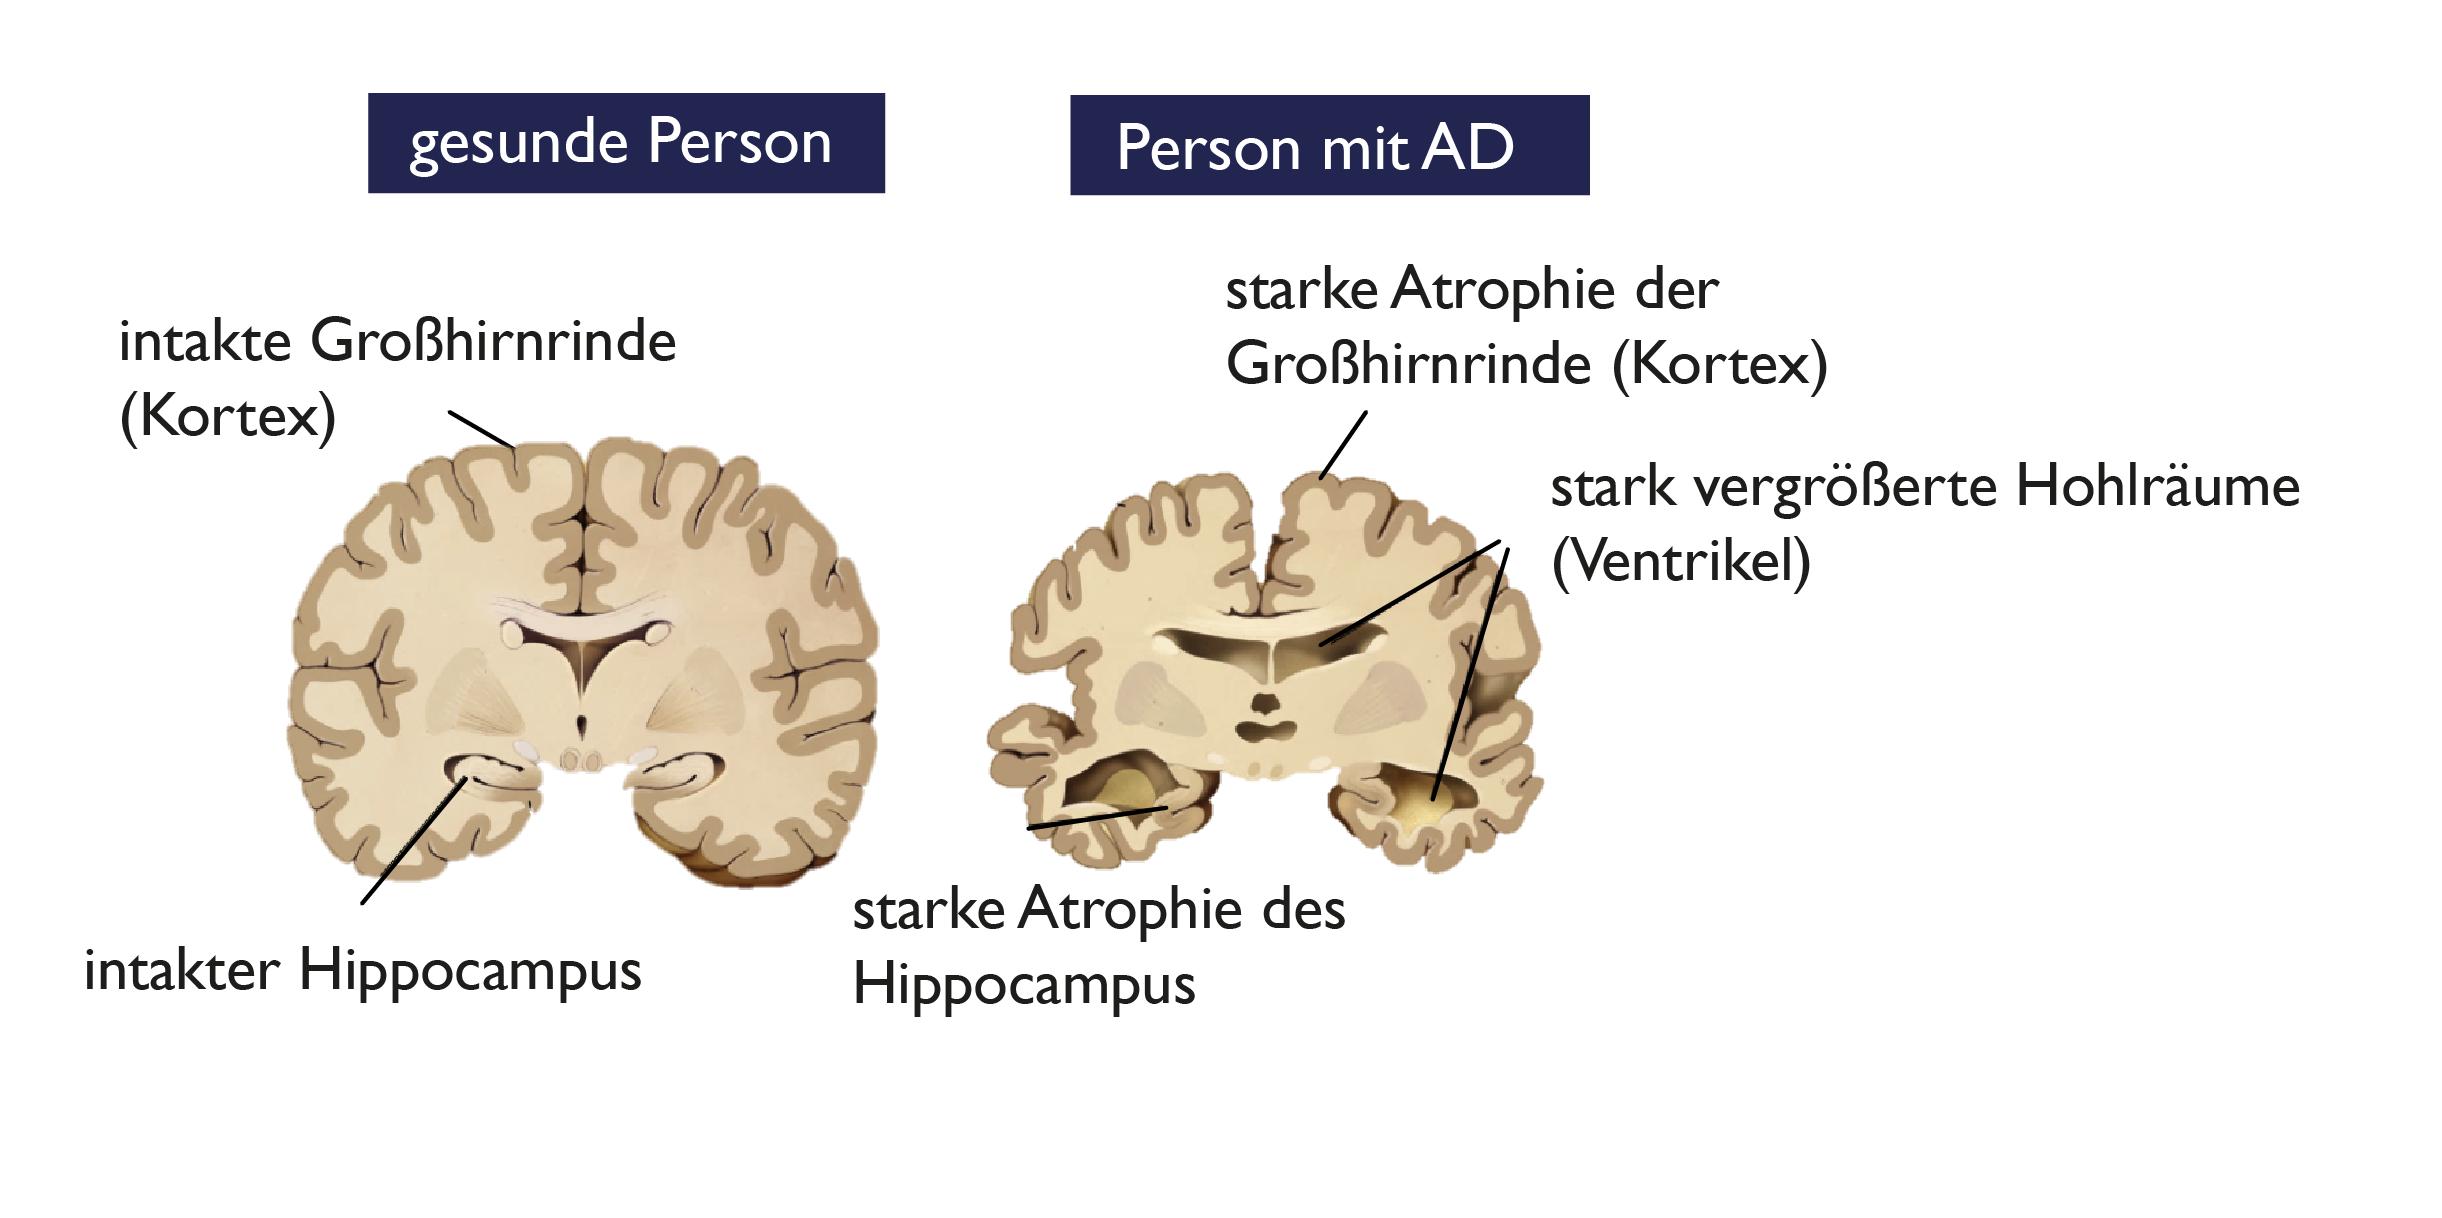 episodisches gedächtnis alzheimer